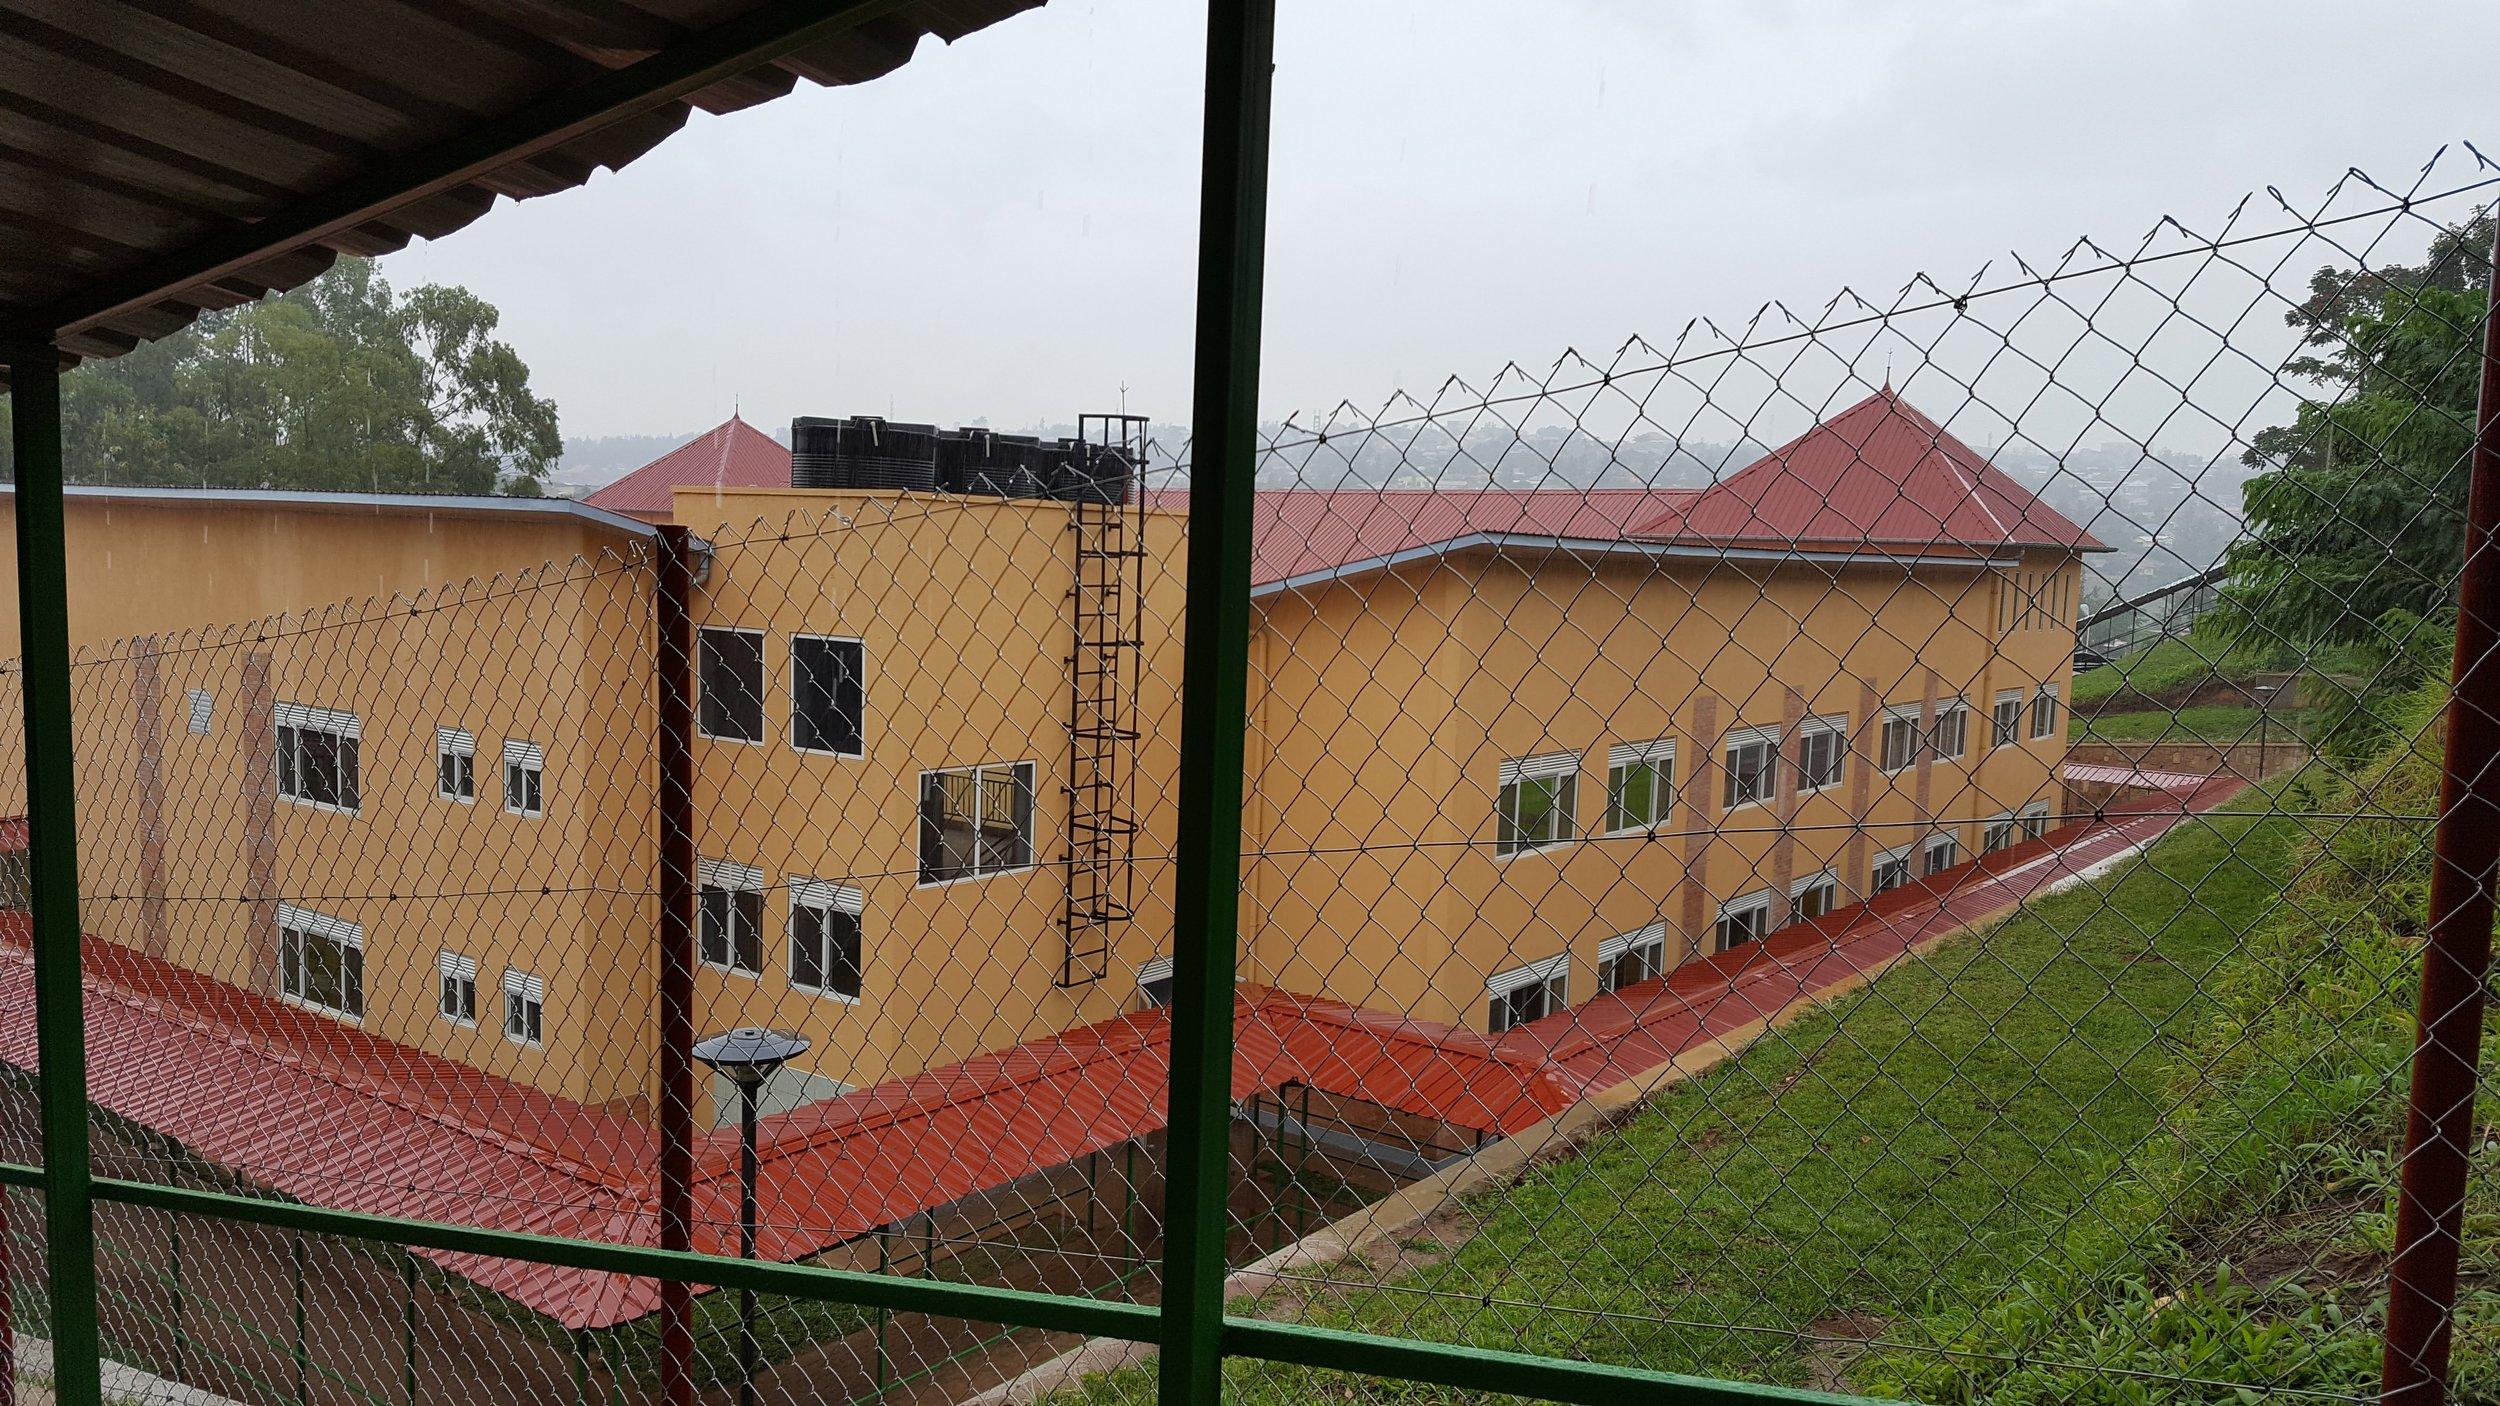 New Primary School - Exterior